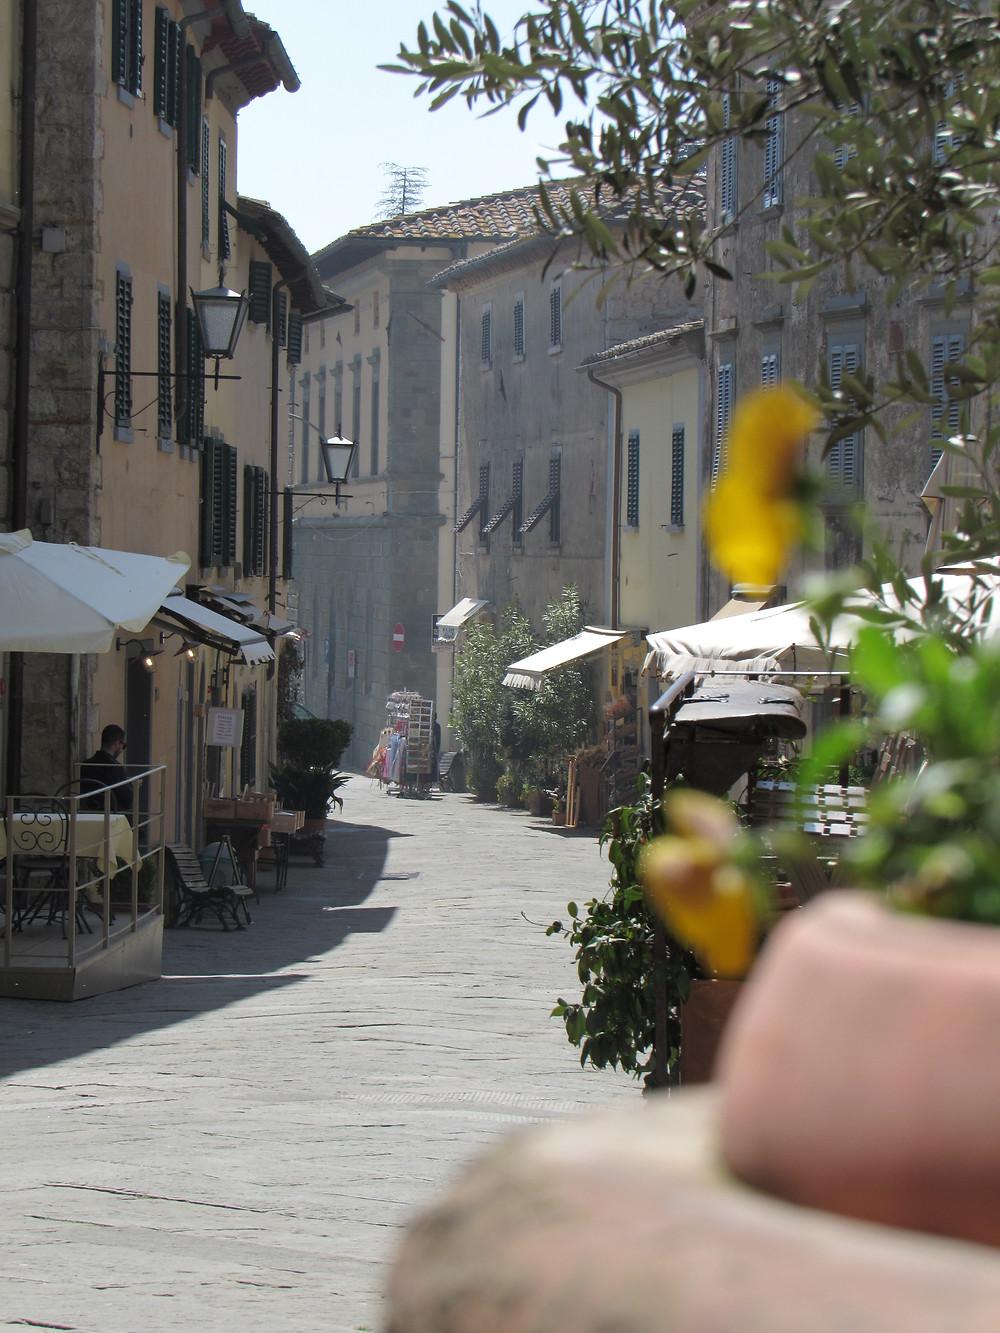 Gasse in Castellina in Chianti